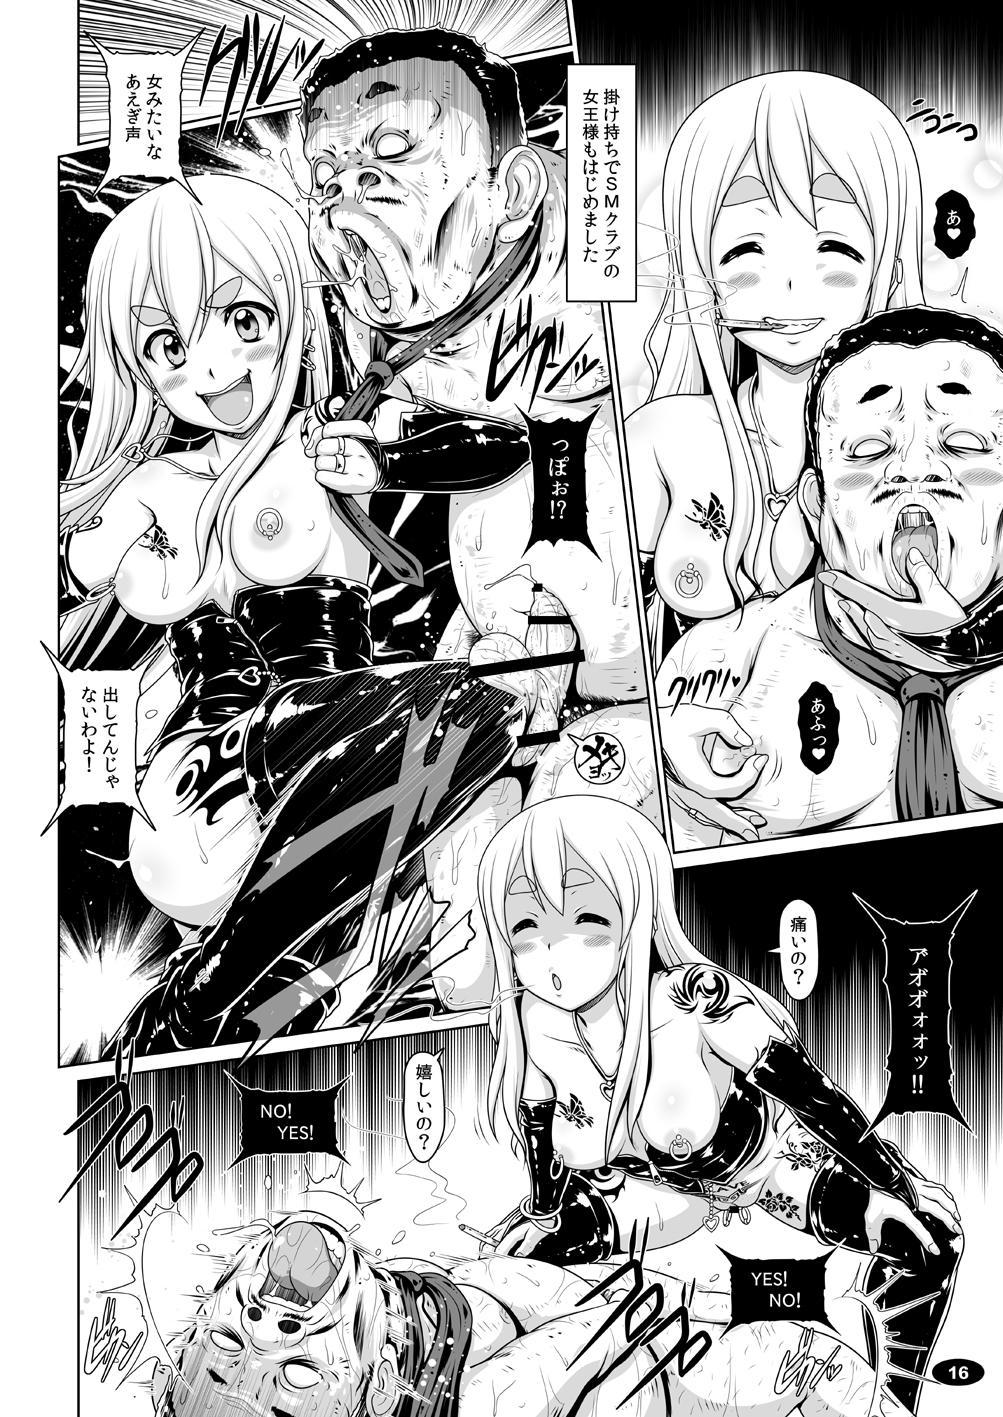 Kuroiro Jikan - Black Time 3 14